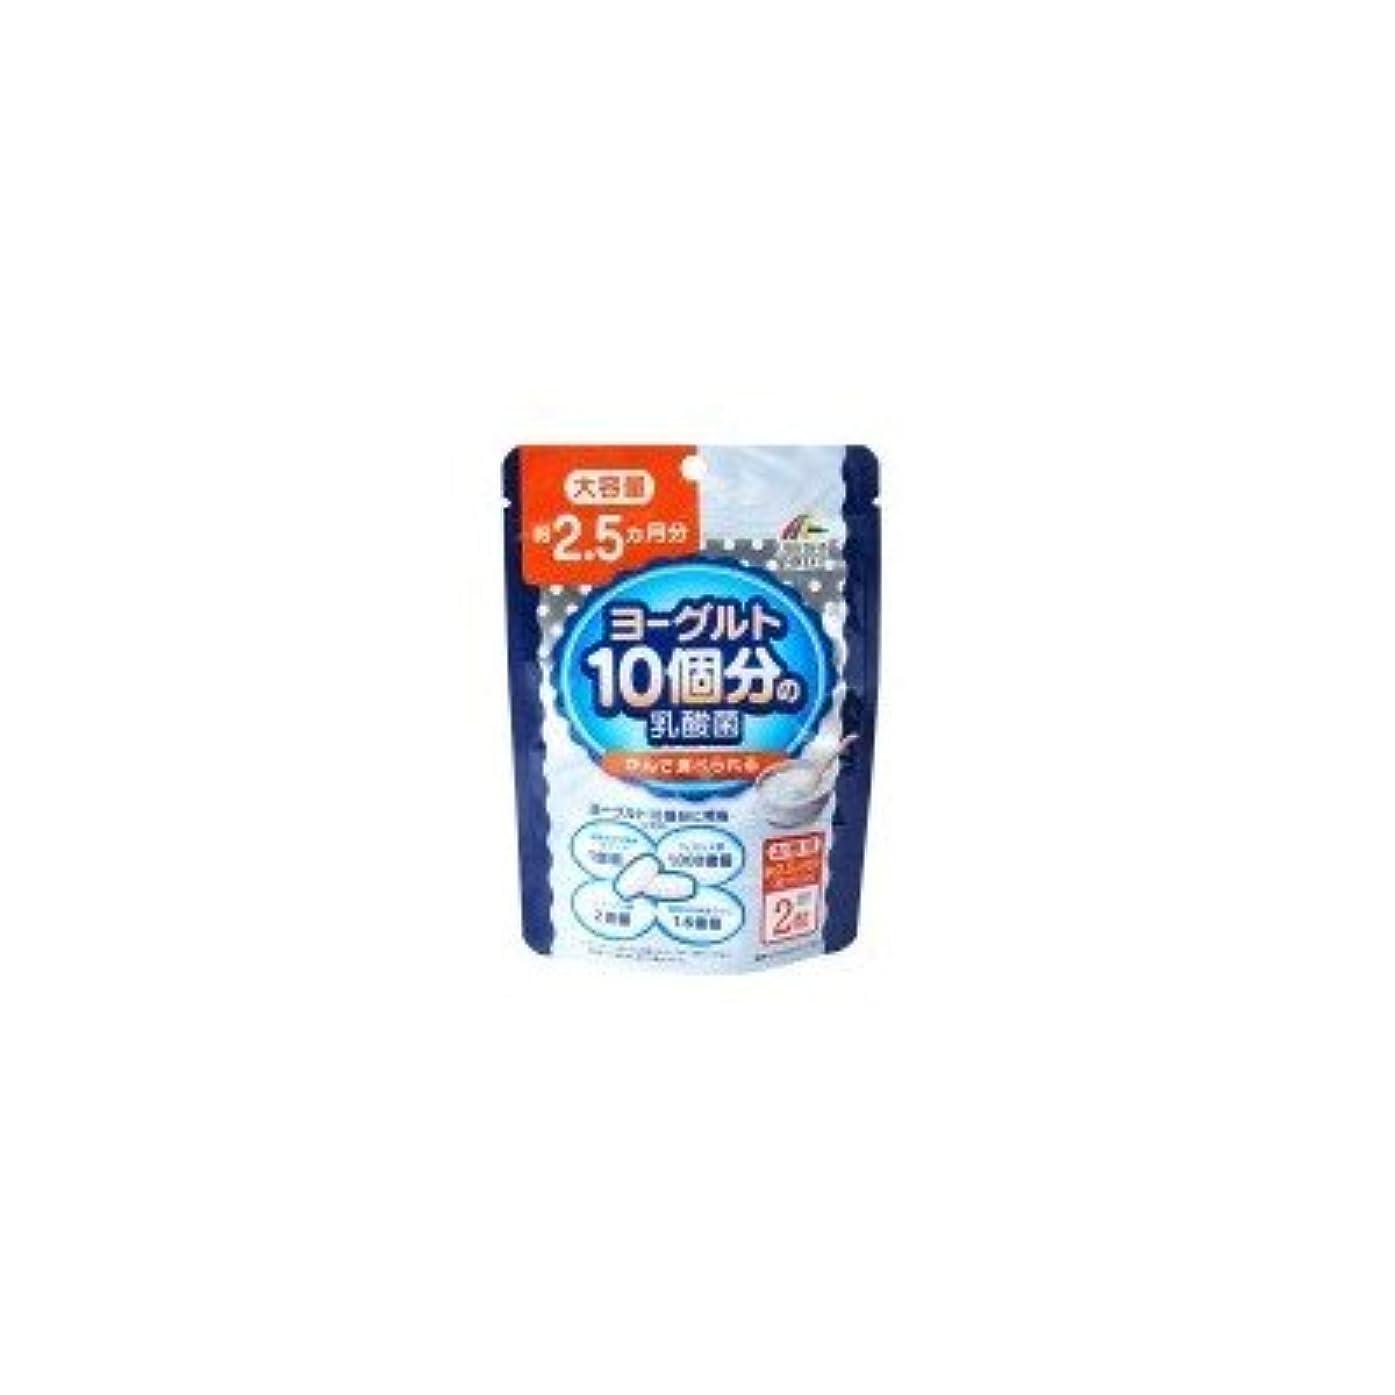 シャーうがいおヨーグルト10個分の乳酸菌 大容量 30.8g(200mg×154粒)